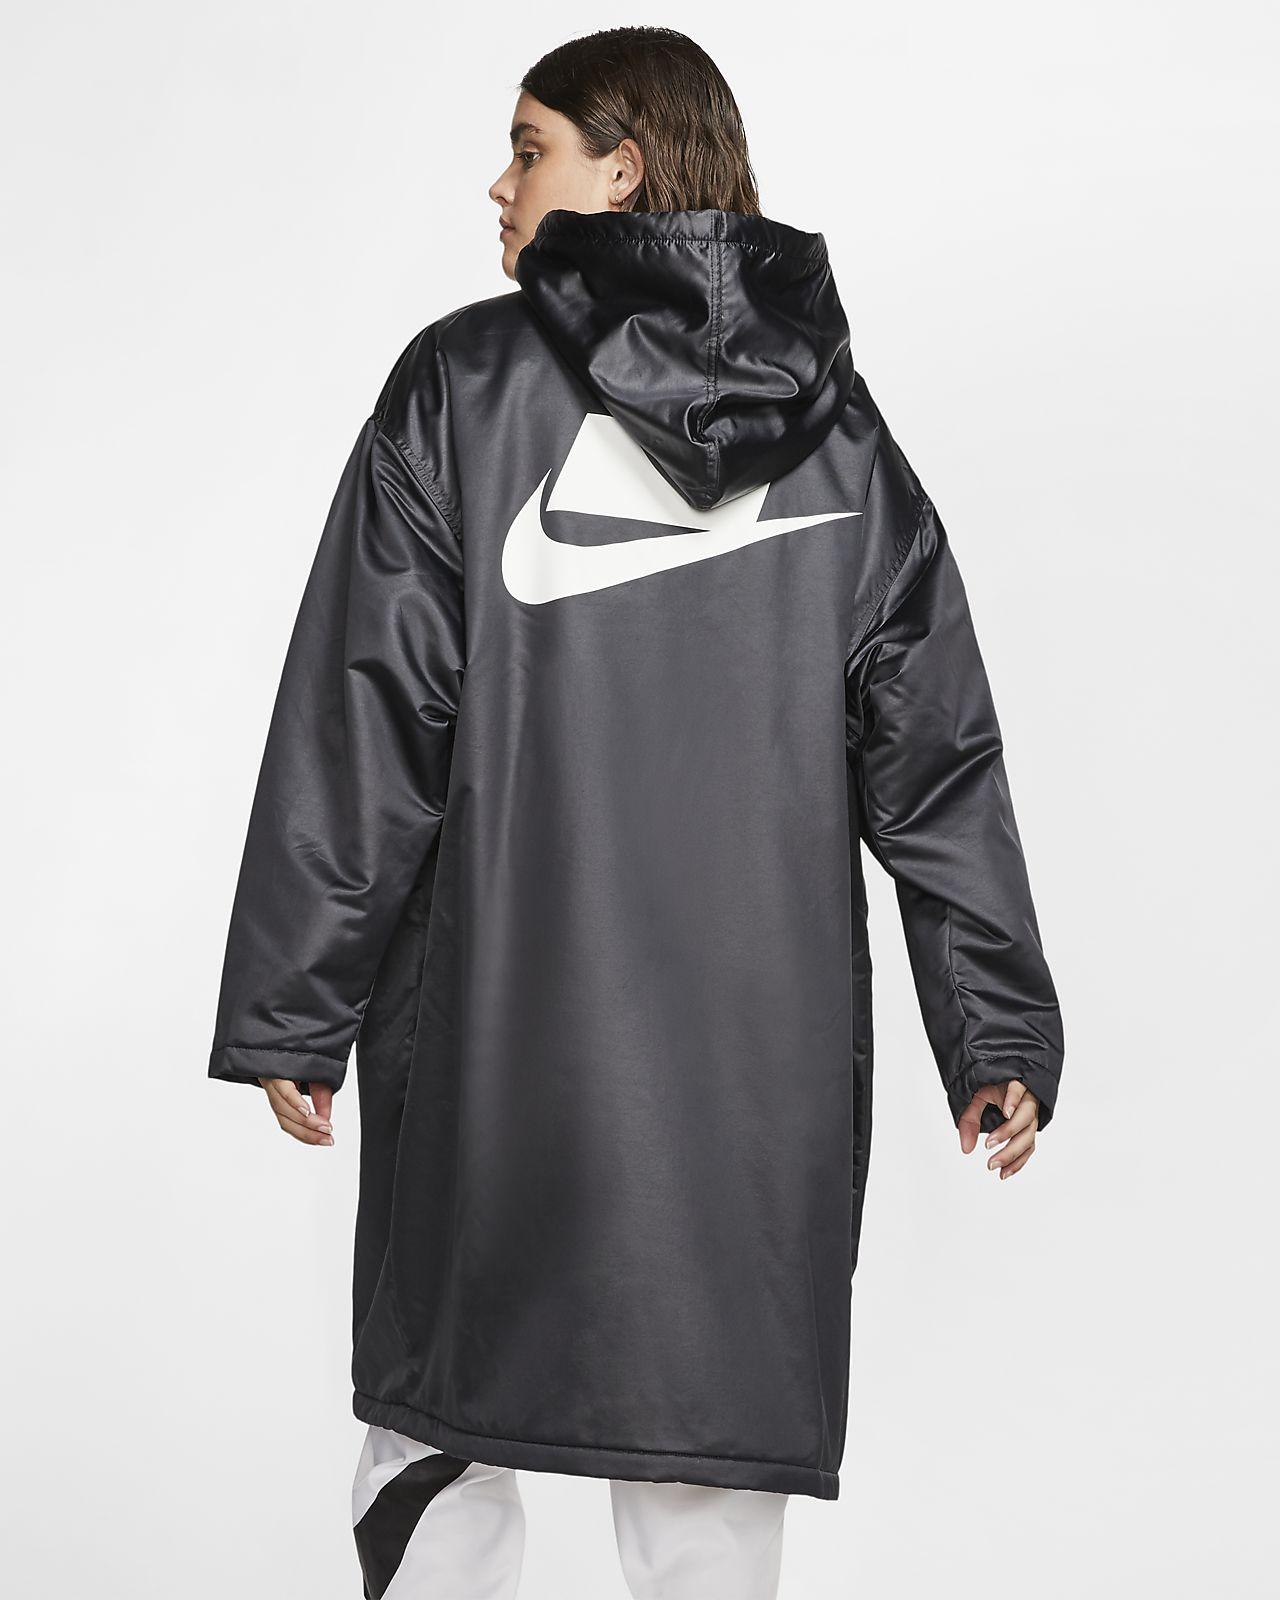 Nike Sportswear Nike Sport Pack Women's Synthetic Fill Parka